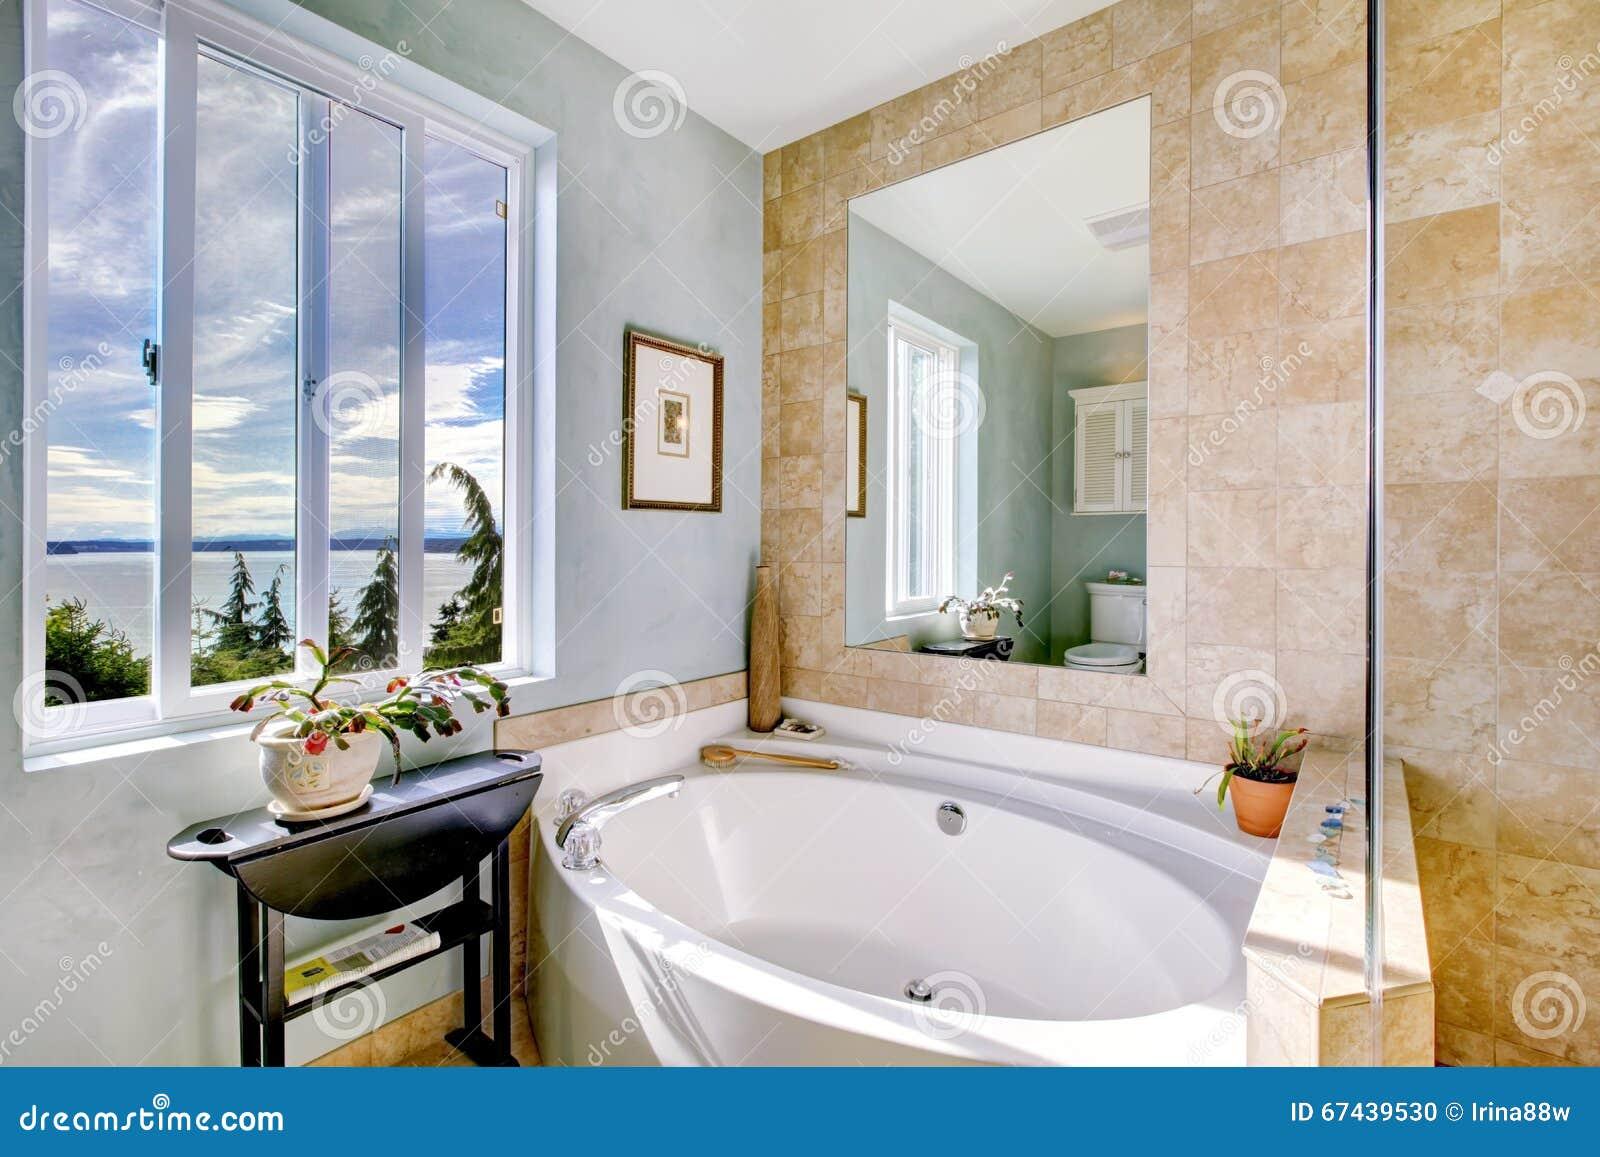 Vasca Ovale Con Il Grande Specchio In Bagno Di Lusso Fotografia